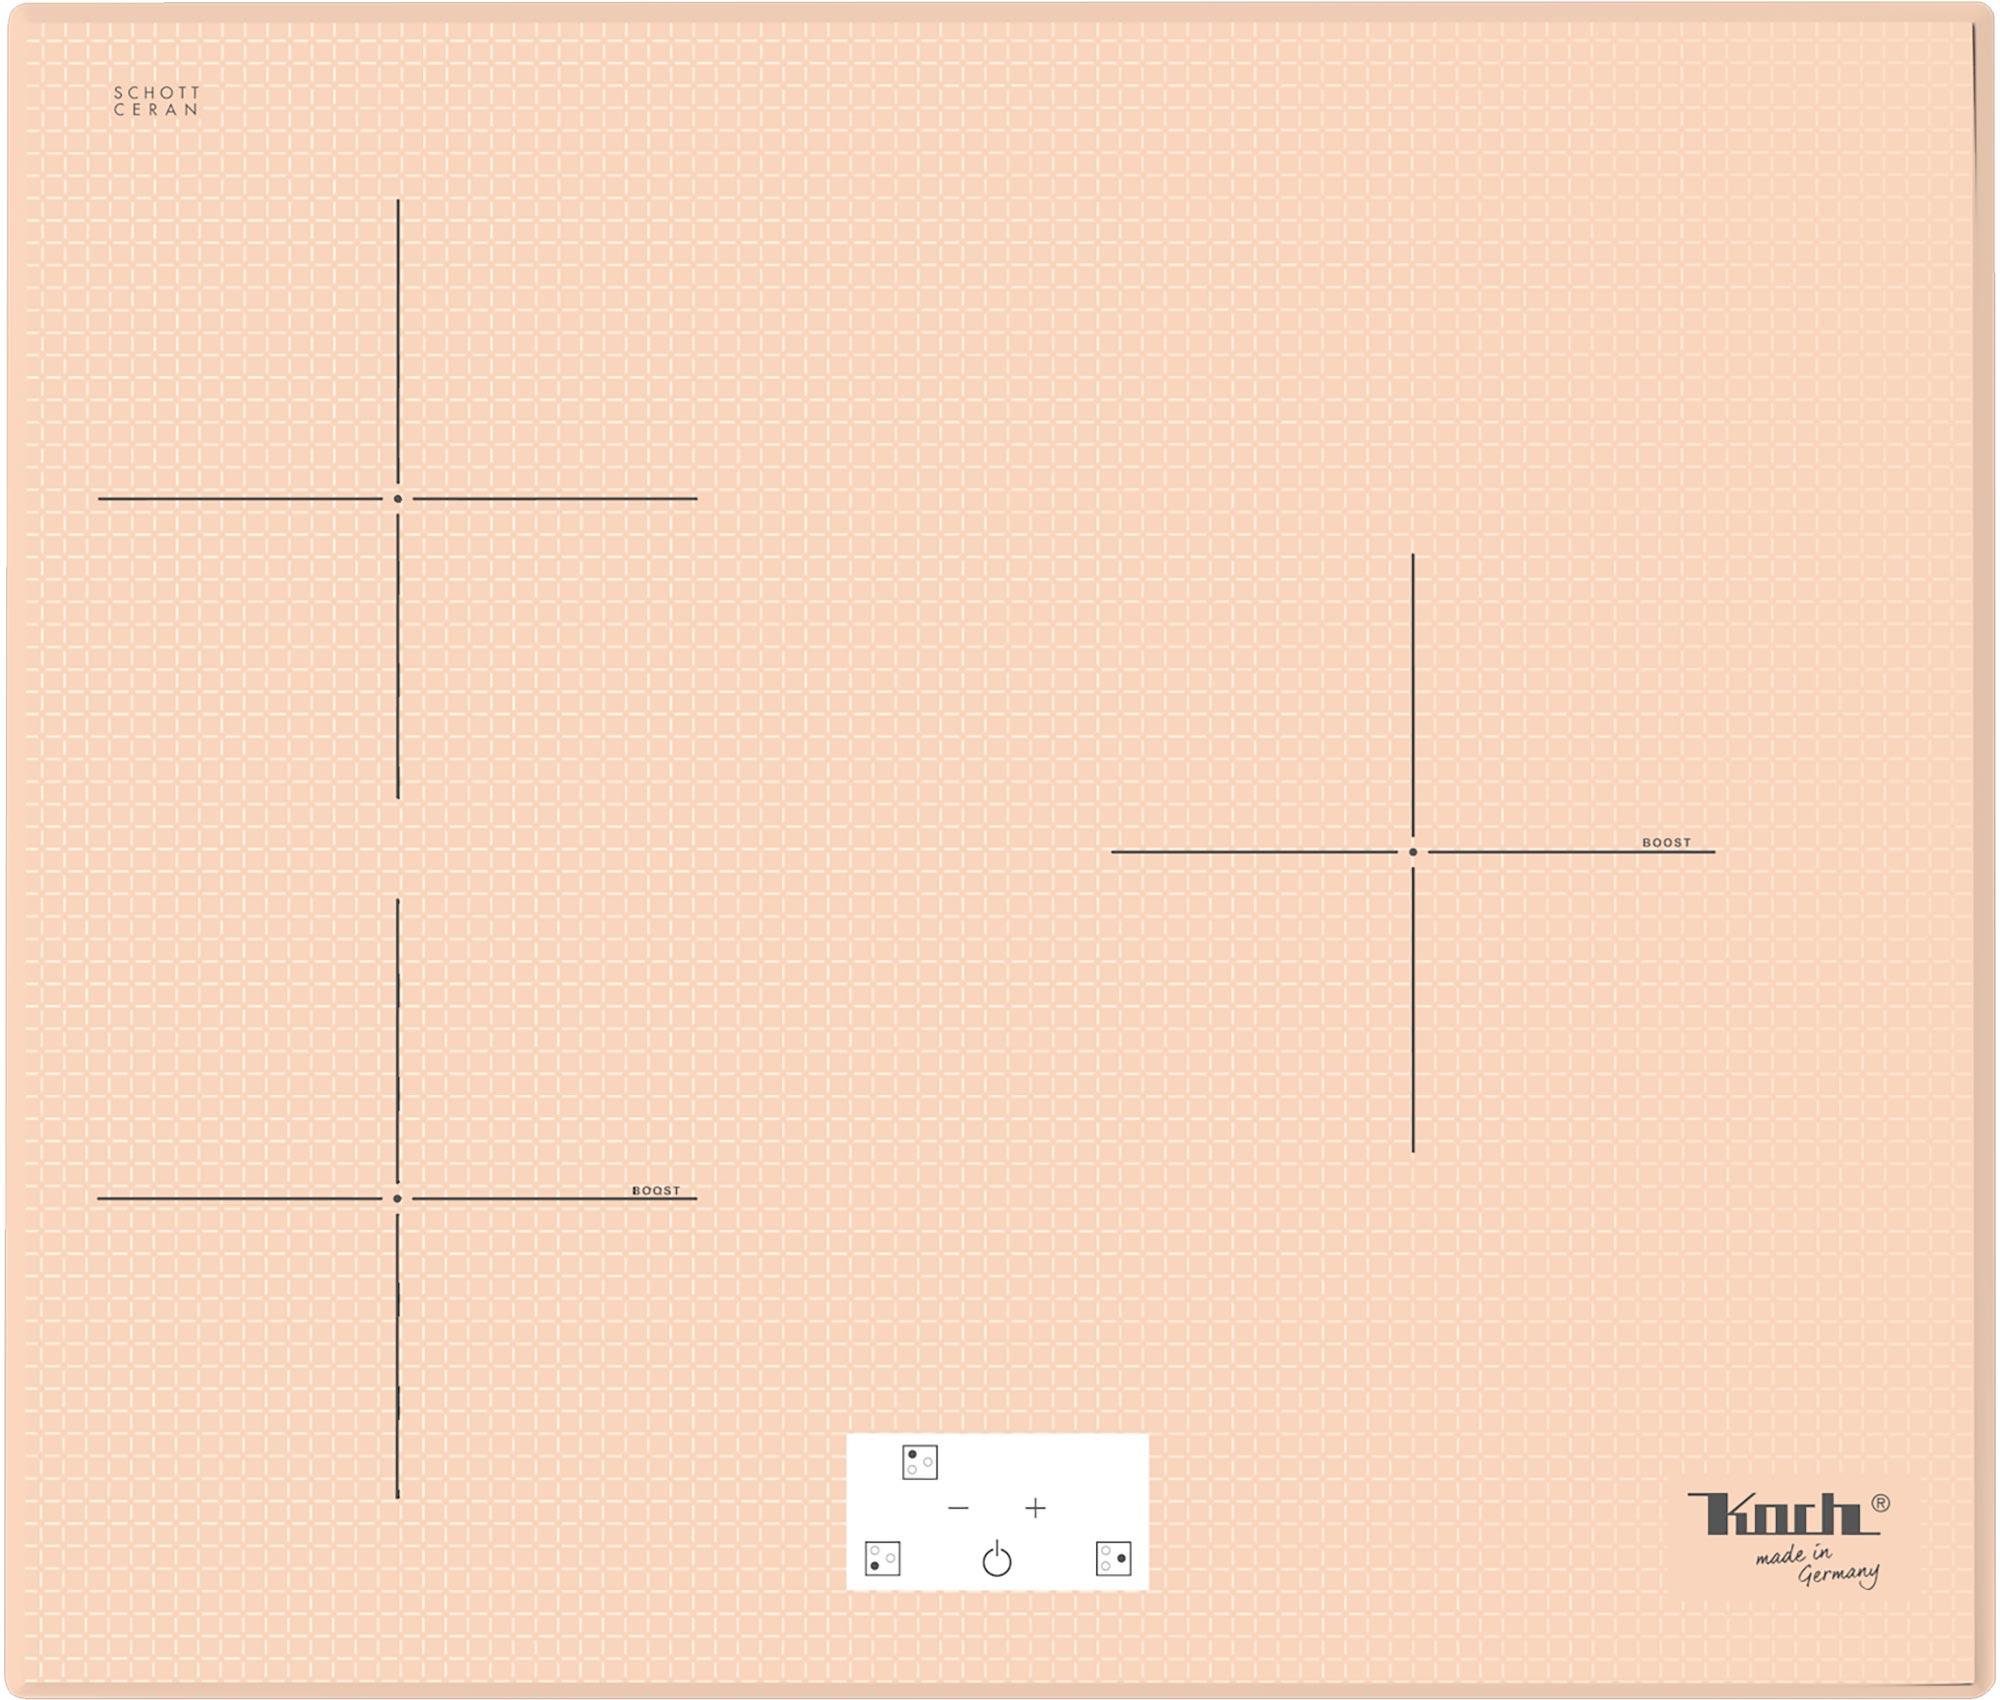 INDUKTIONSKOCHFELD | GK3P CLEAR-TRANS | 3 PLATTEN